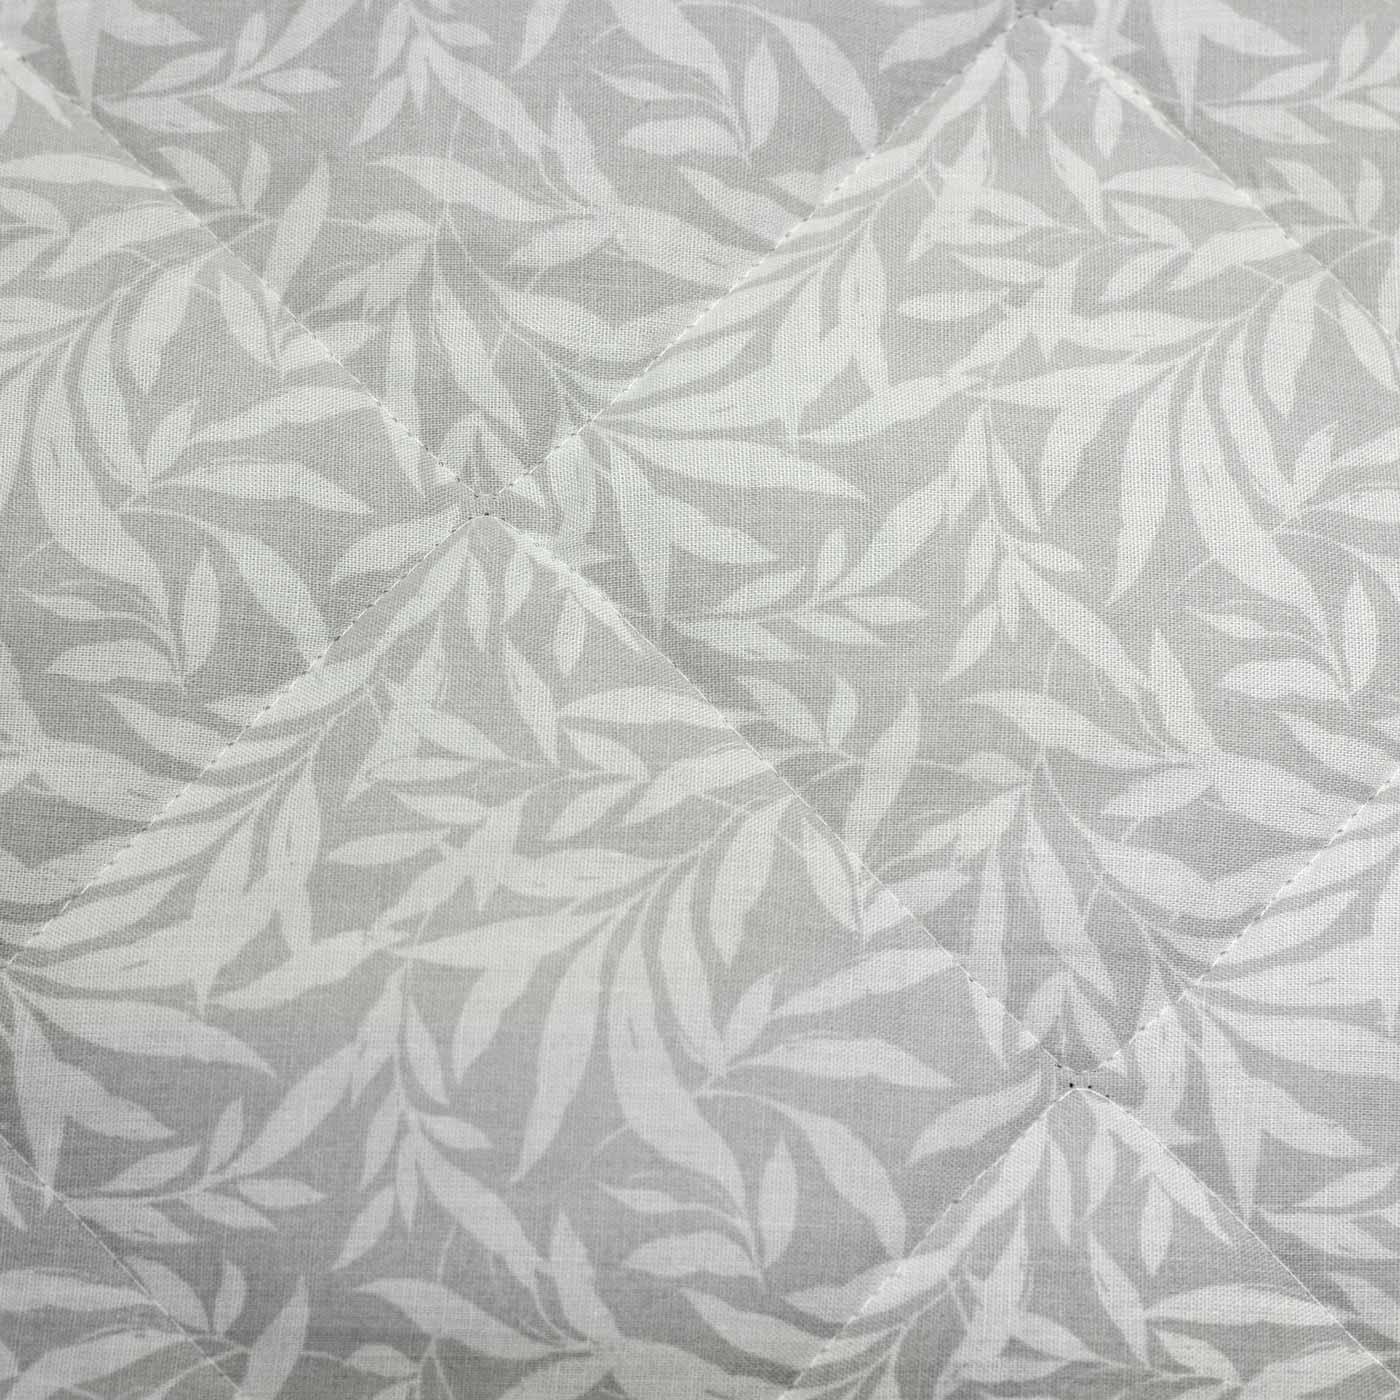 Ocre housses de couette motif fleuri gris Feuille Rayure Réversible avec Housse de couette Ensembles De Literie